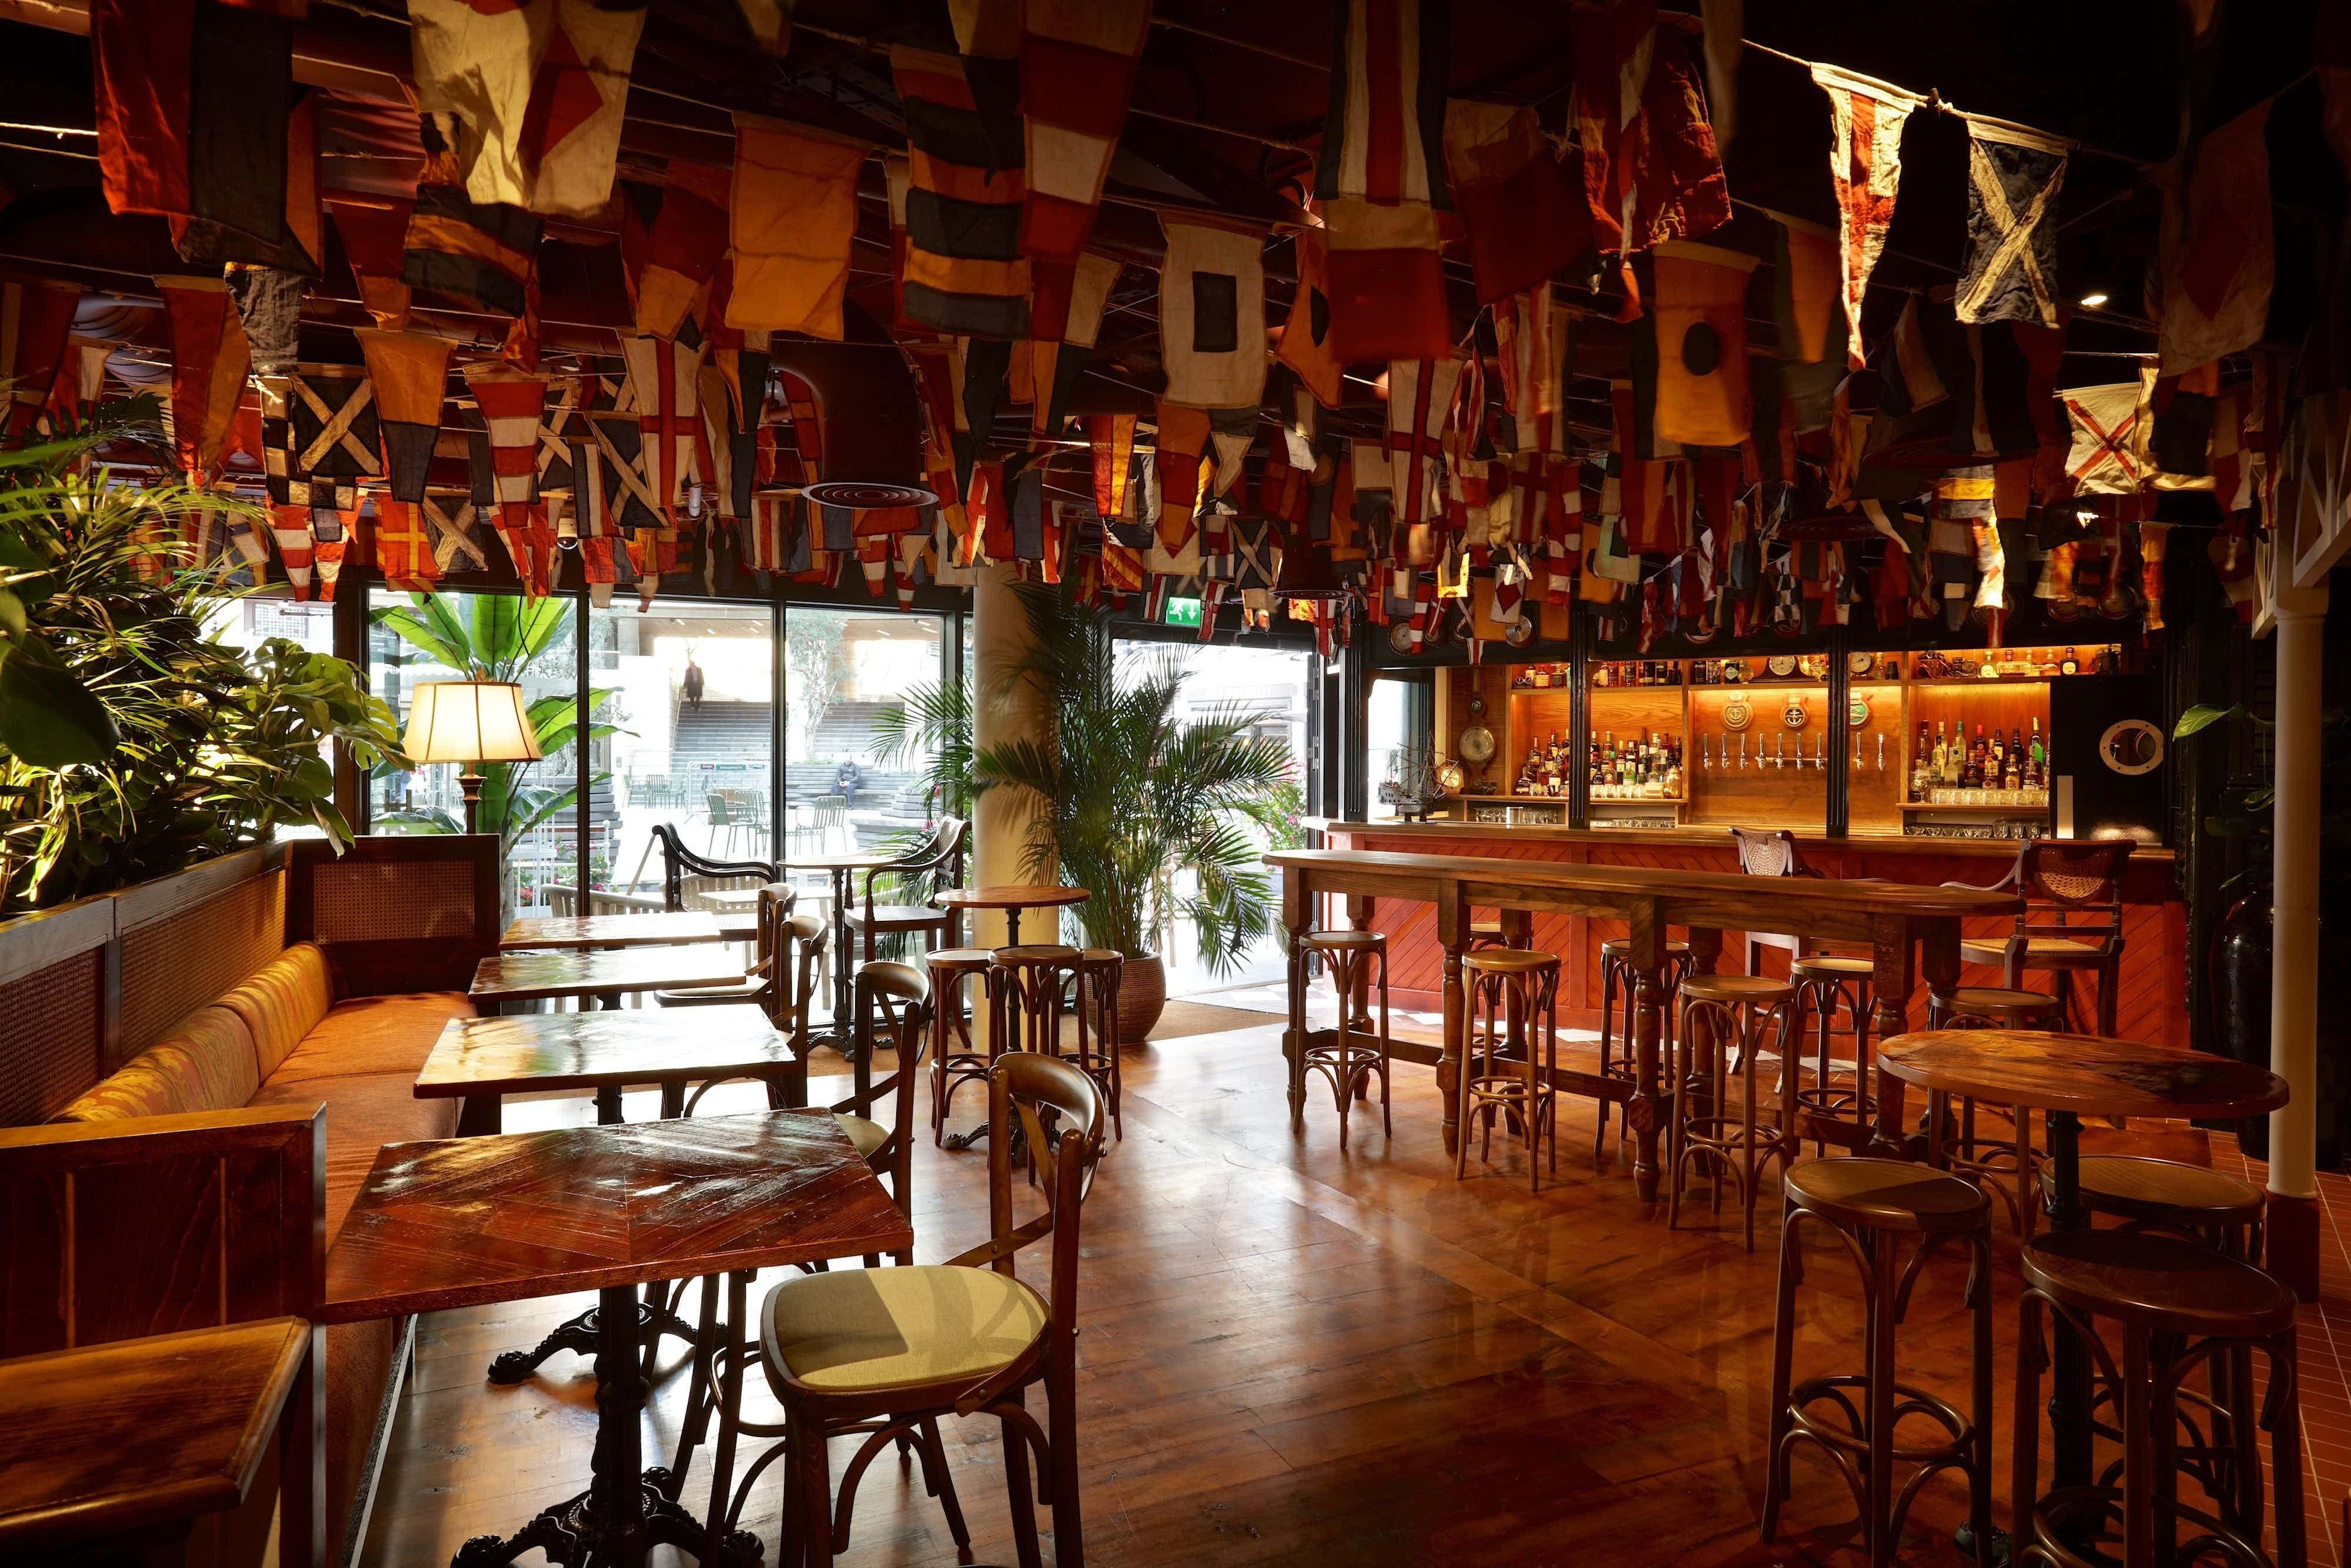 Whole venue, Mrs Fogg's Dockside Drinkery & Distillery